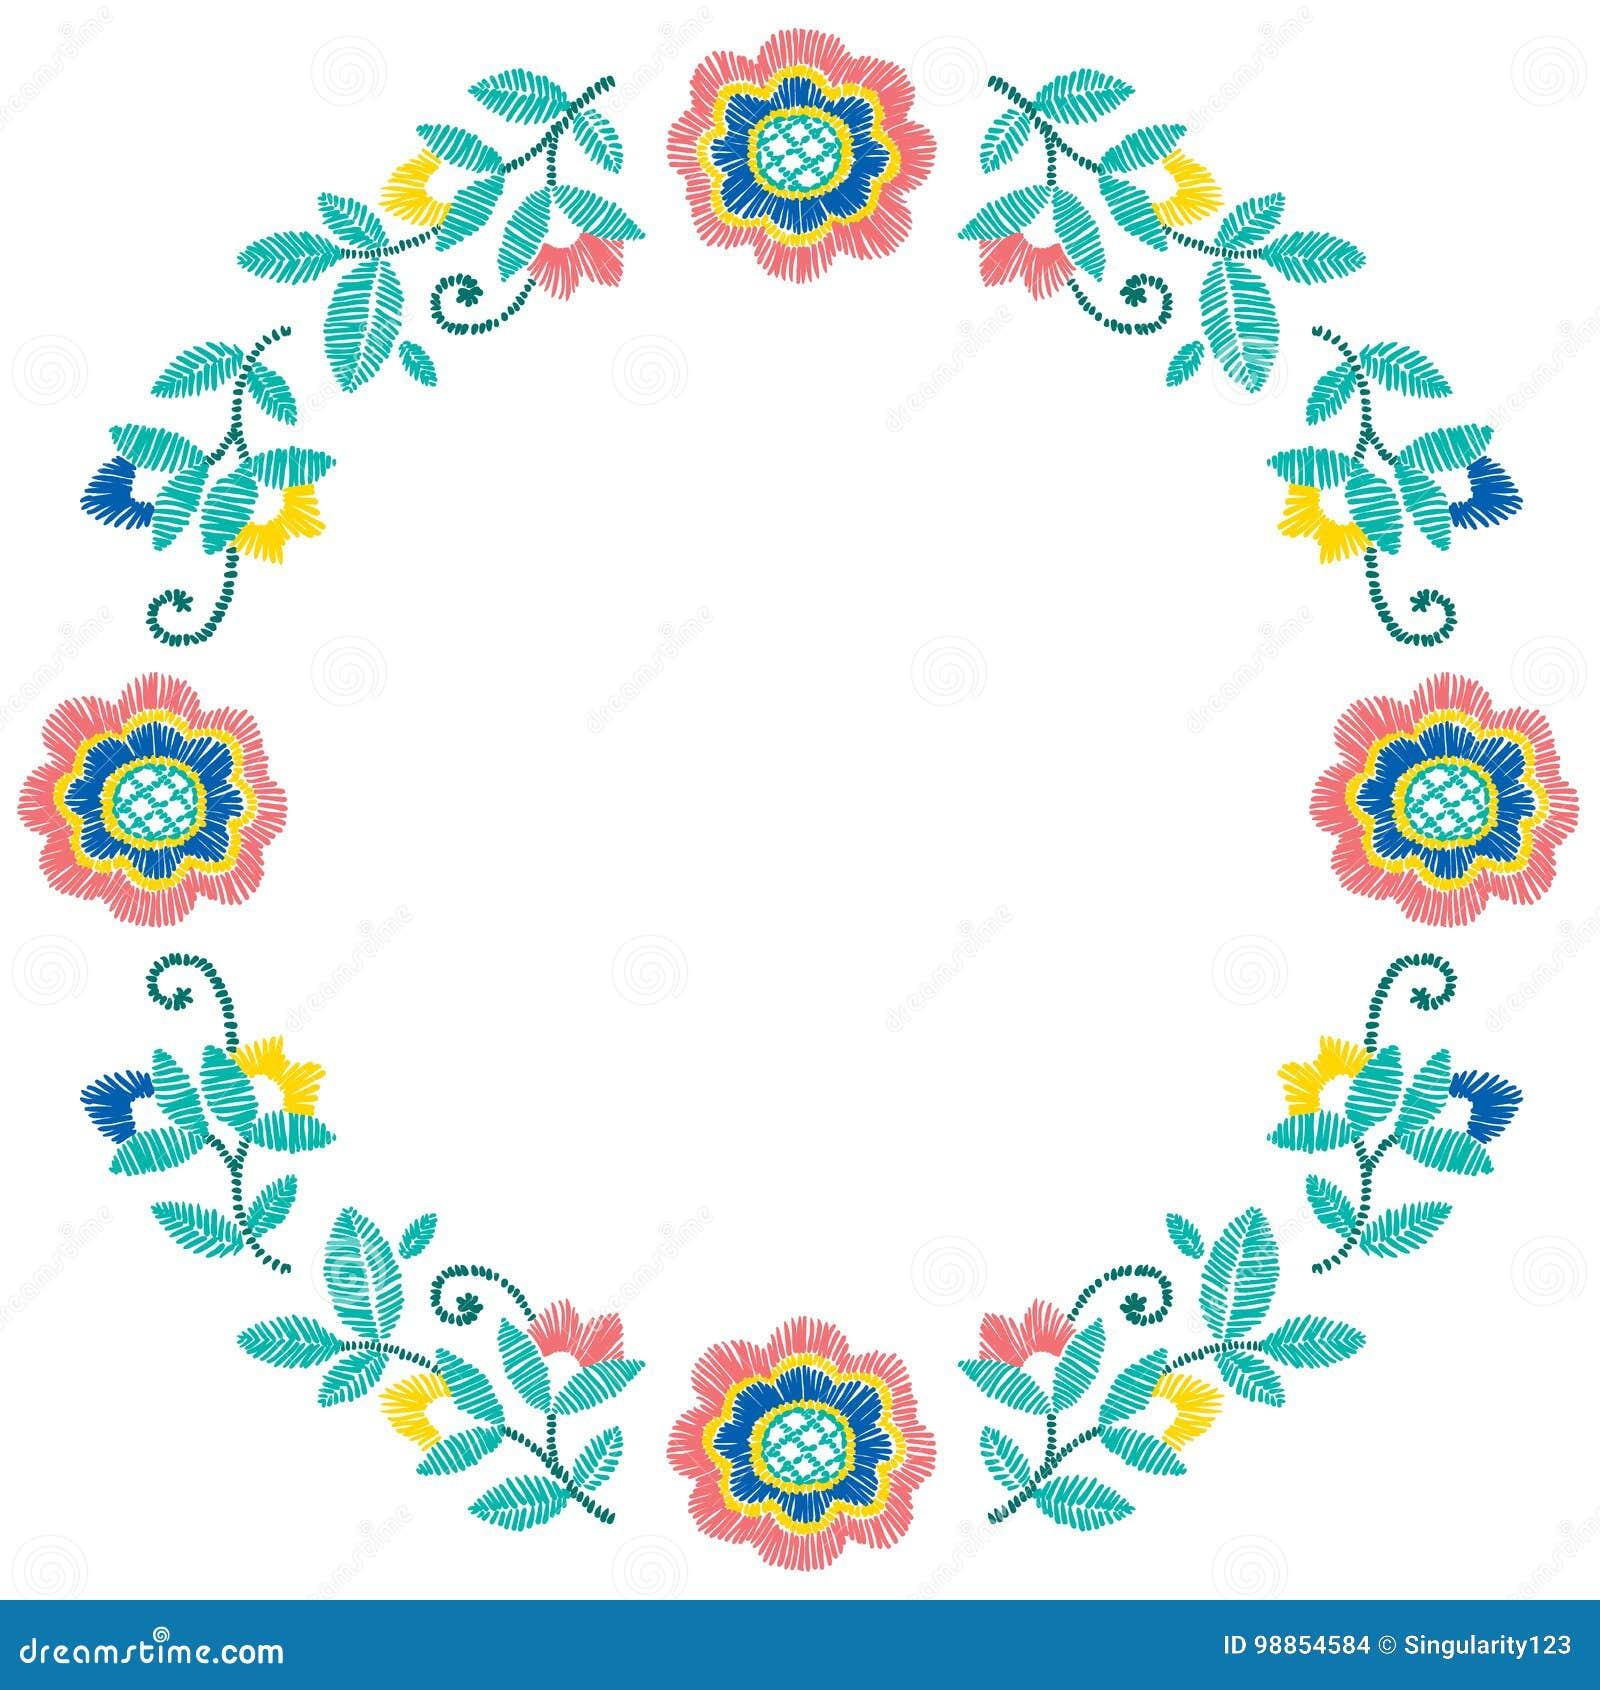 För ramvektor för broderi dekorativ blom- modell, prydnad för textildekor Handgjord stilbakgrund för bohemisk ethno